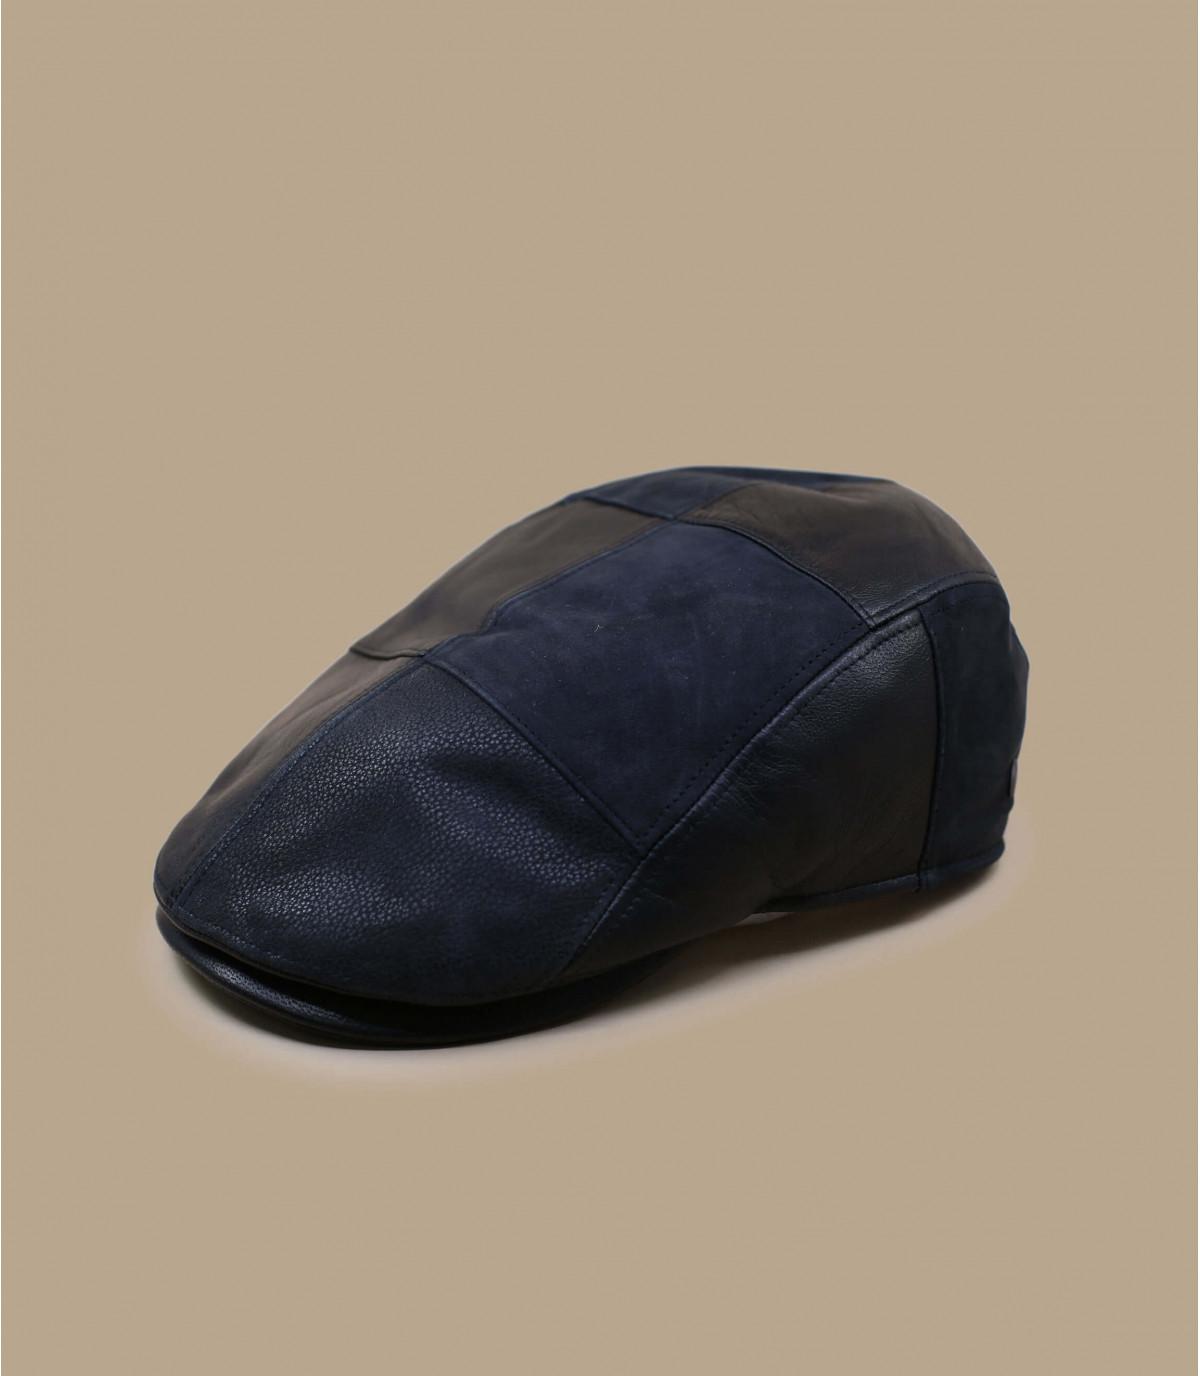 Schiebermütze Leder schwarz